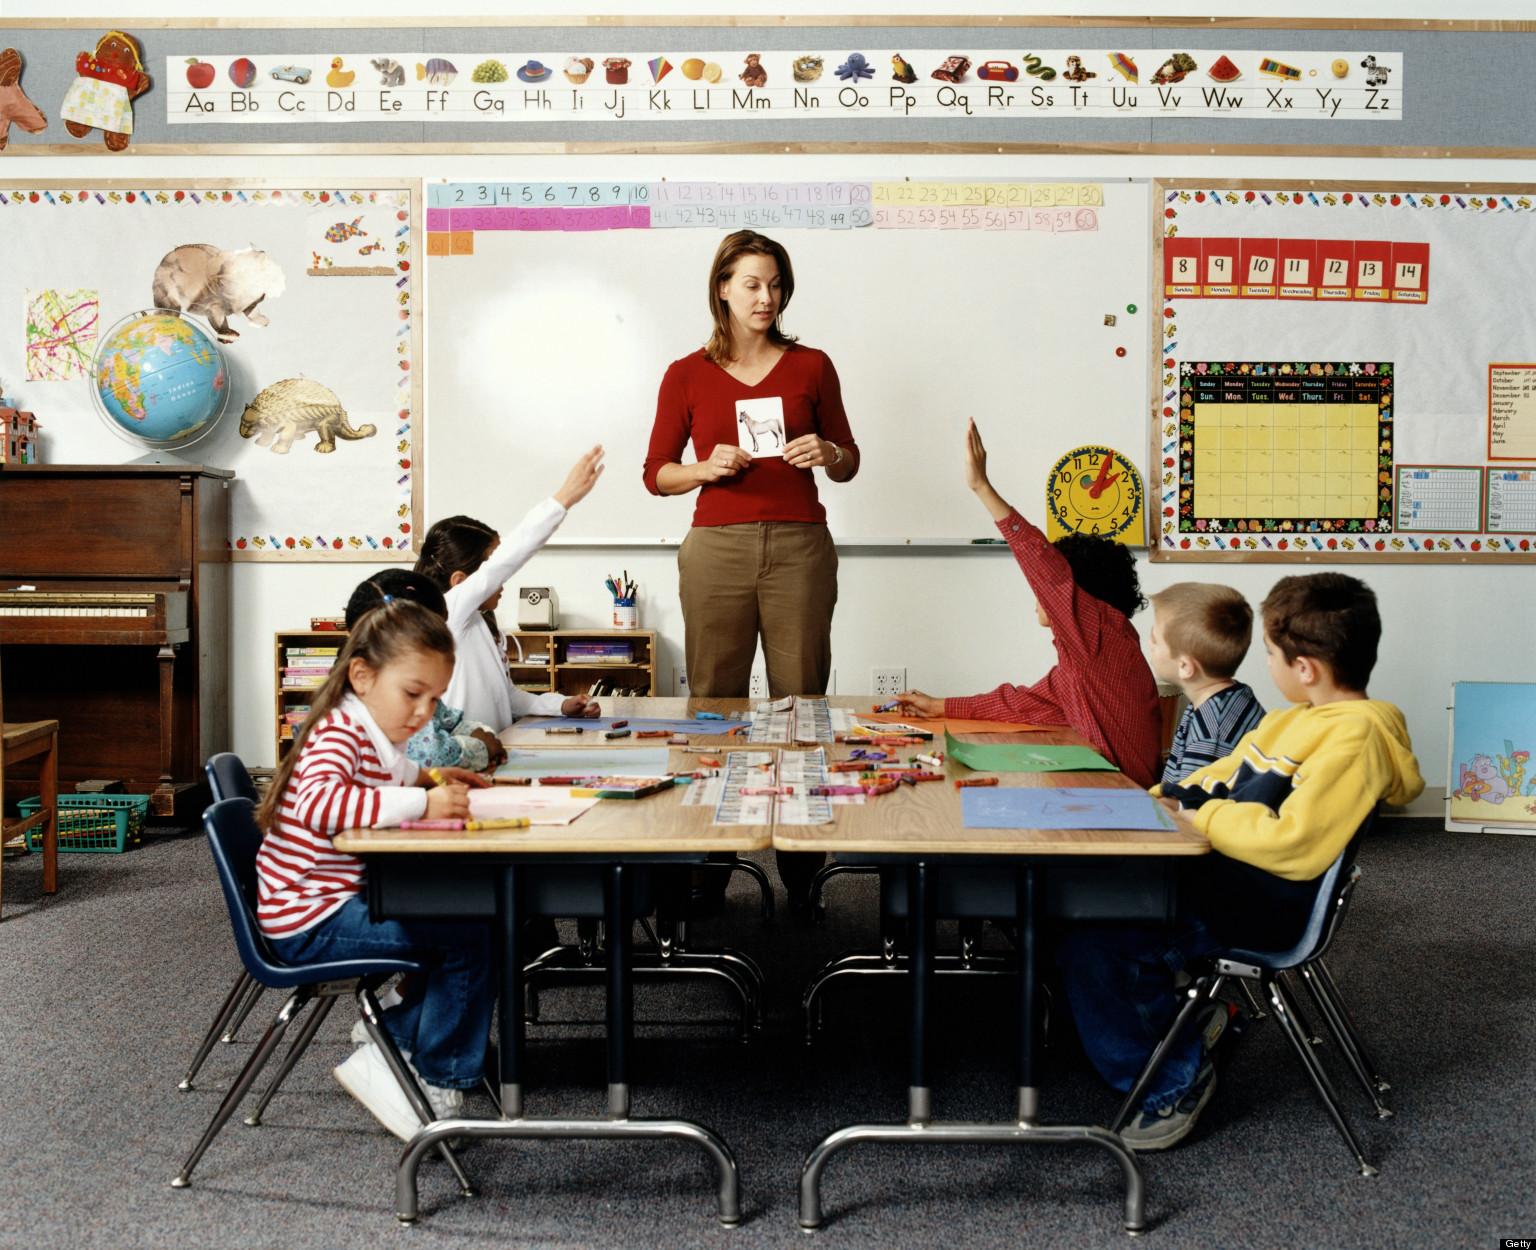 a class without teacher essay